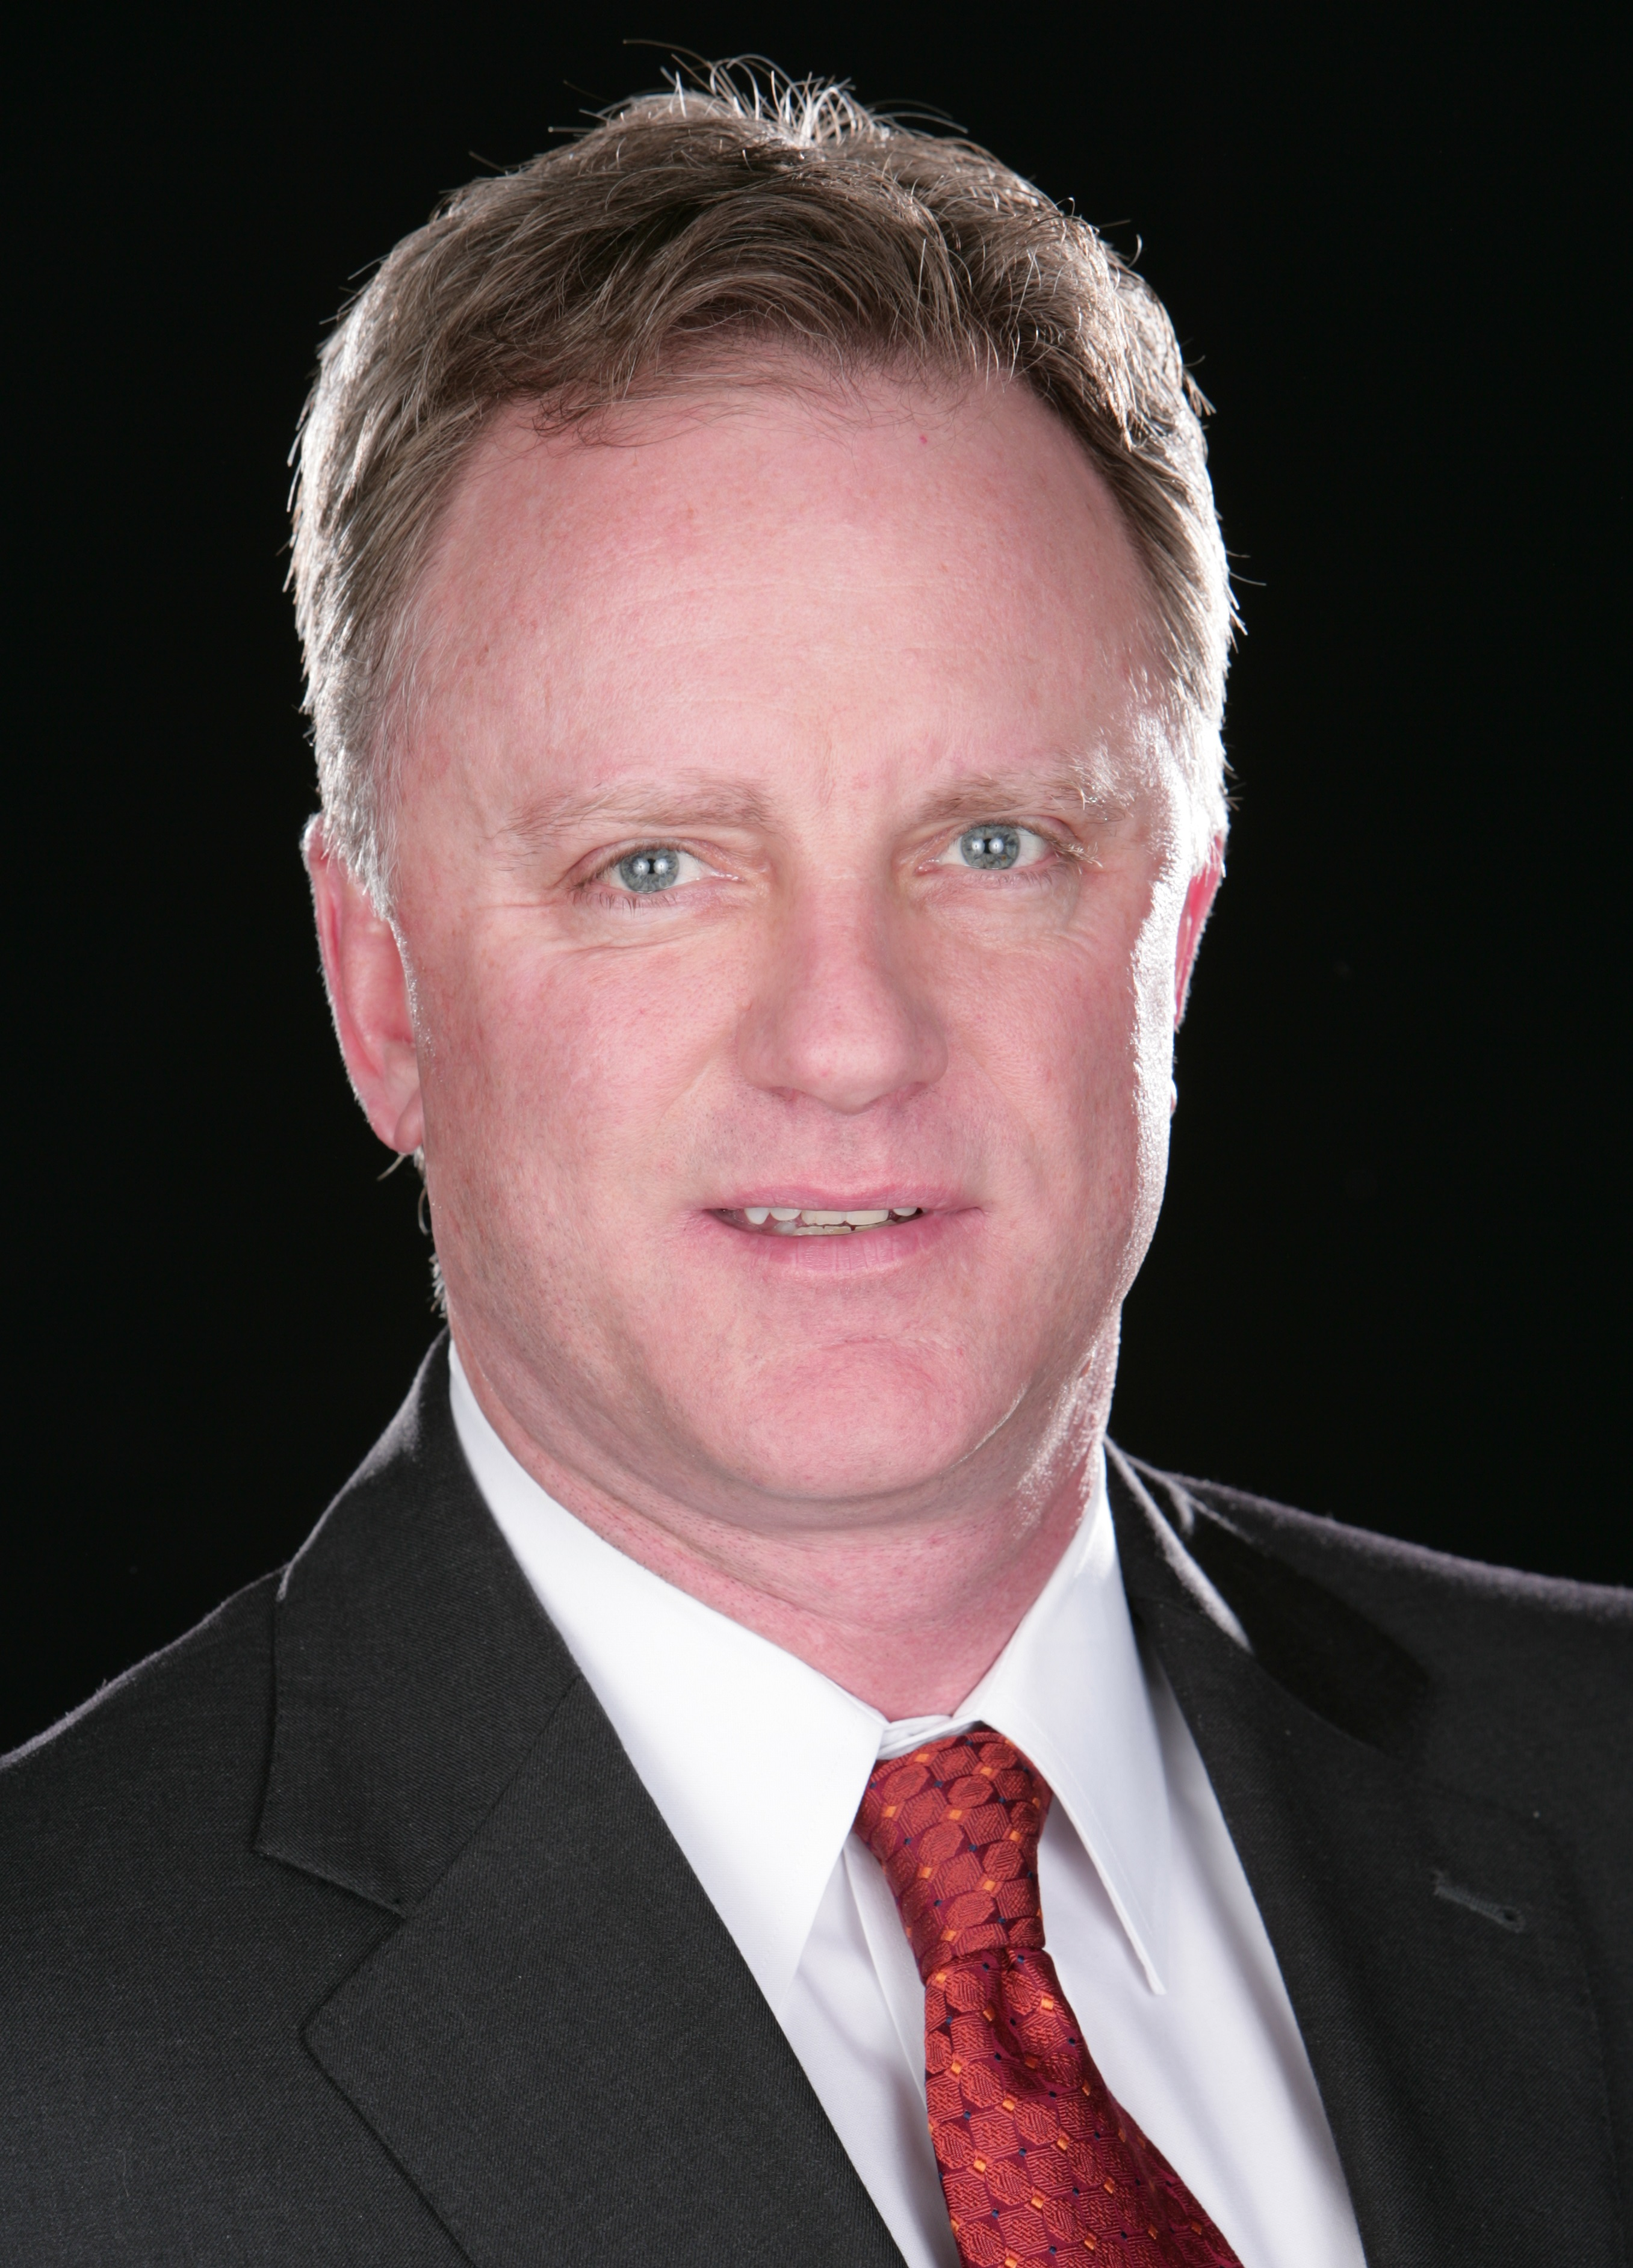 Parker Holt, HIGGINBOTHAM